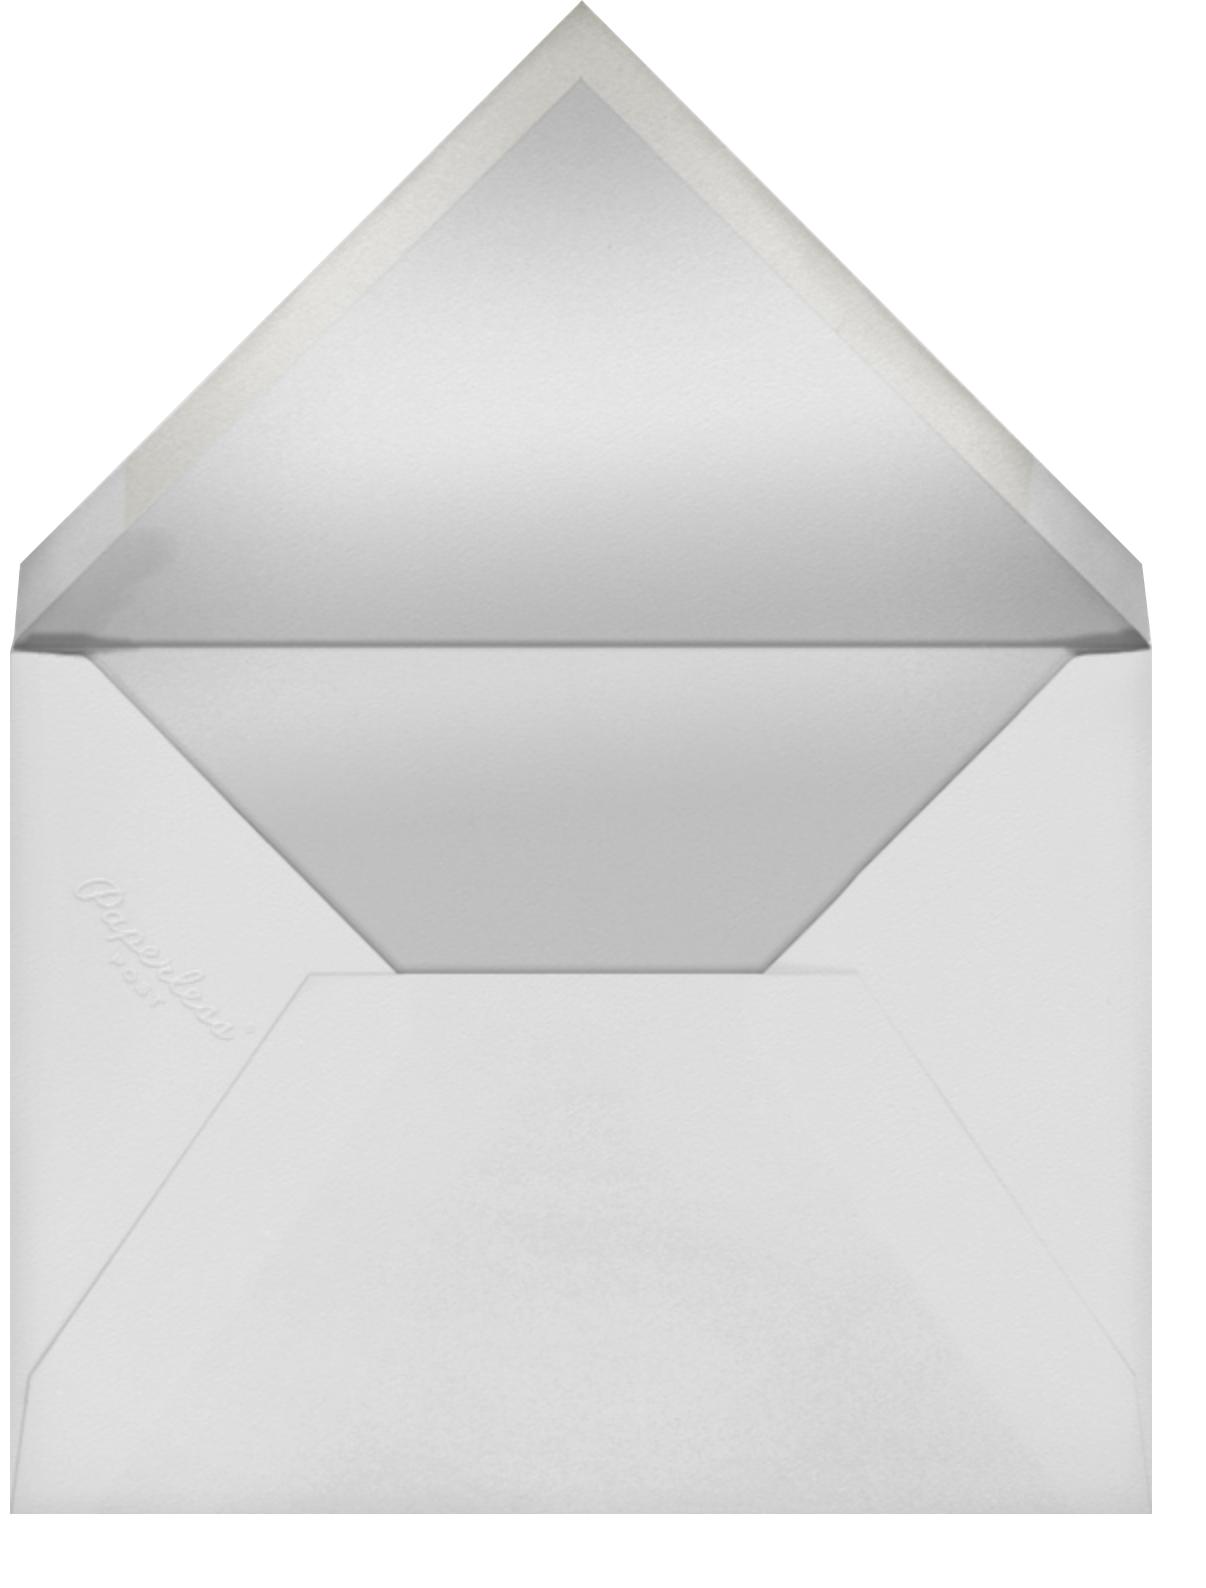 Ando (Menu) - Gold - Paperless Post - Menus - envelope back